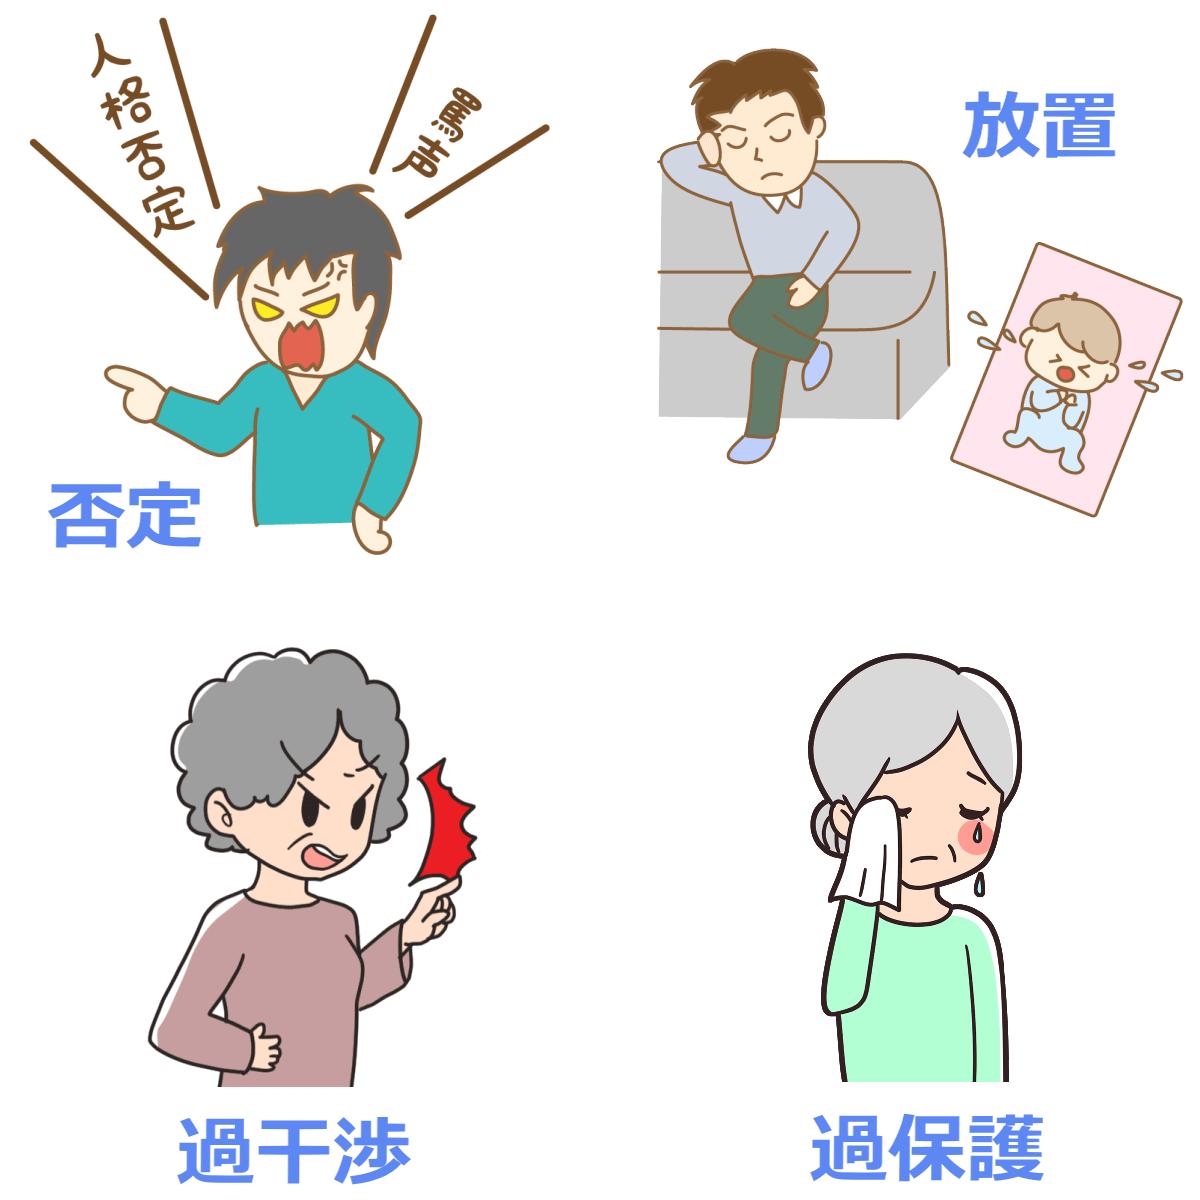 毒親の特徴、否定、放置、過干渉、過保護の4つのタイプを表わすイラスト